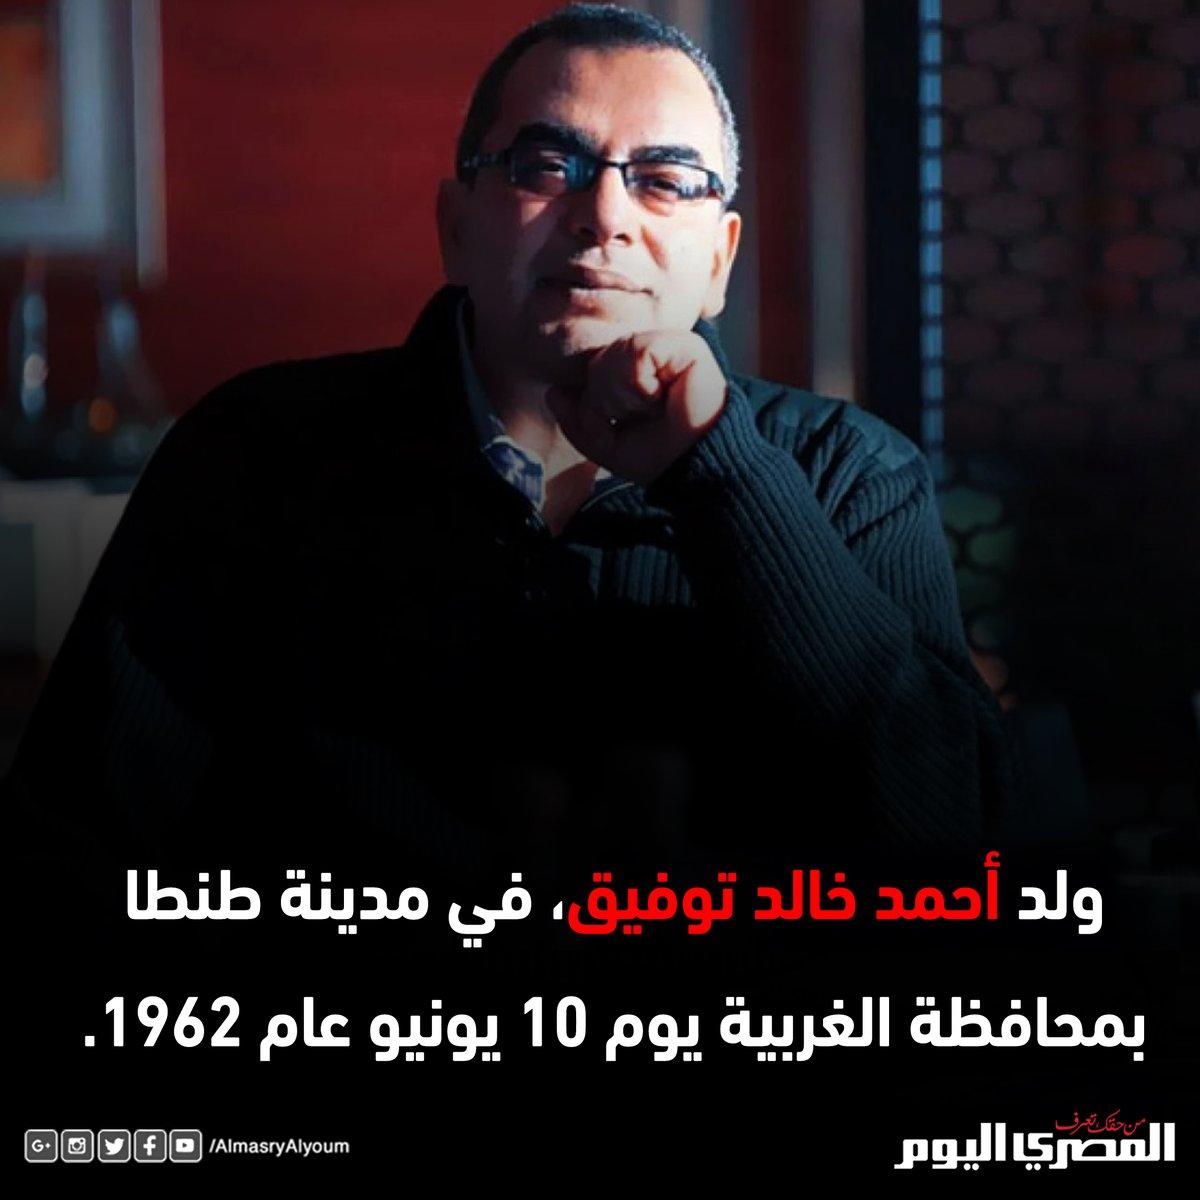 في ذكرى ميلاده.. أبرز محطات في حياة الكاتب الراحل أحمد خالد توفيق